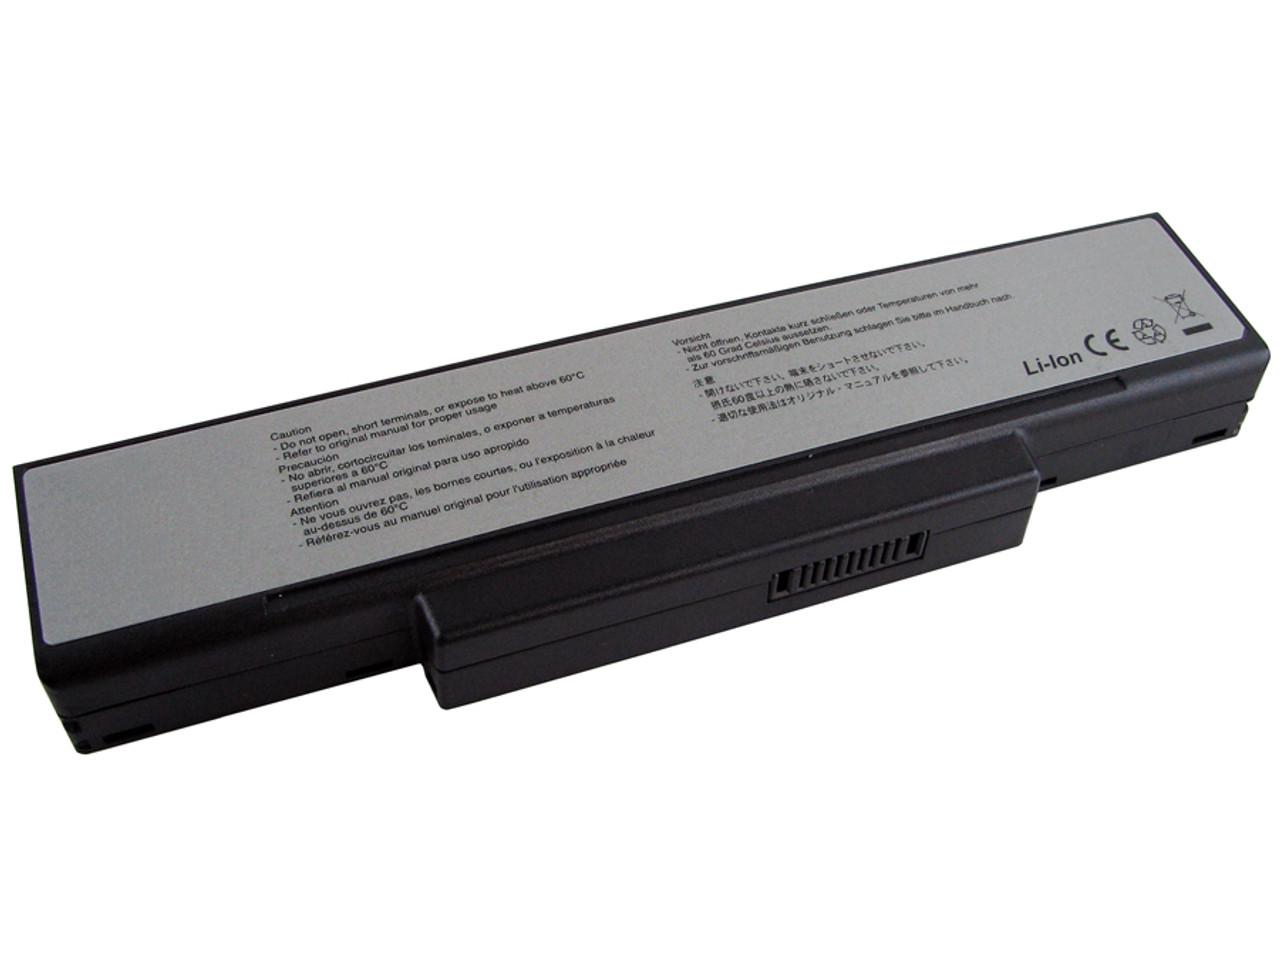 MSI Megabook M655 M660 M662 M670 battery